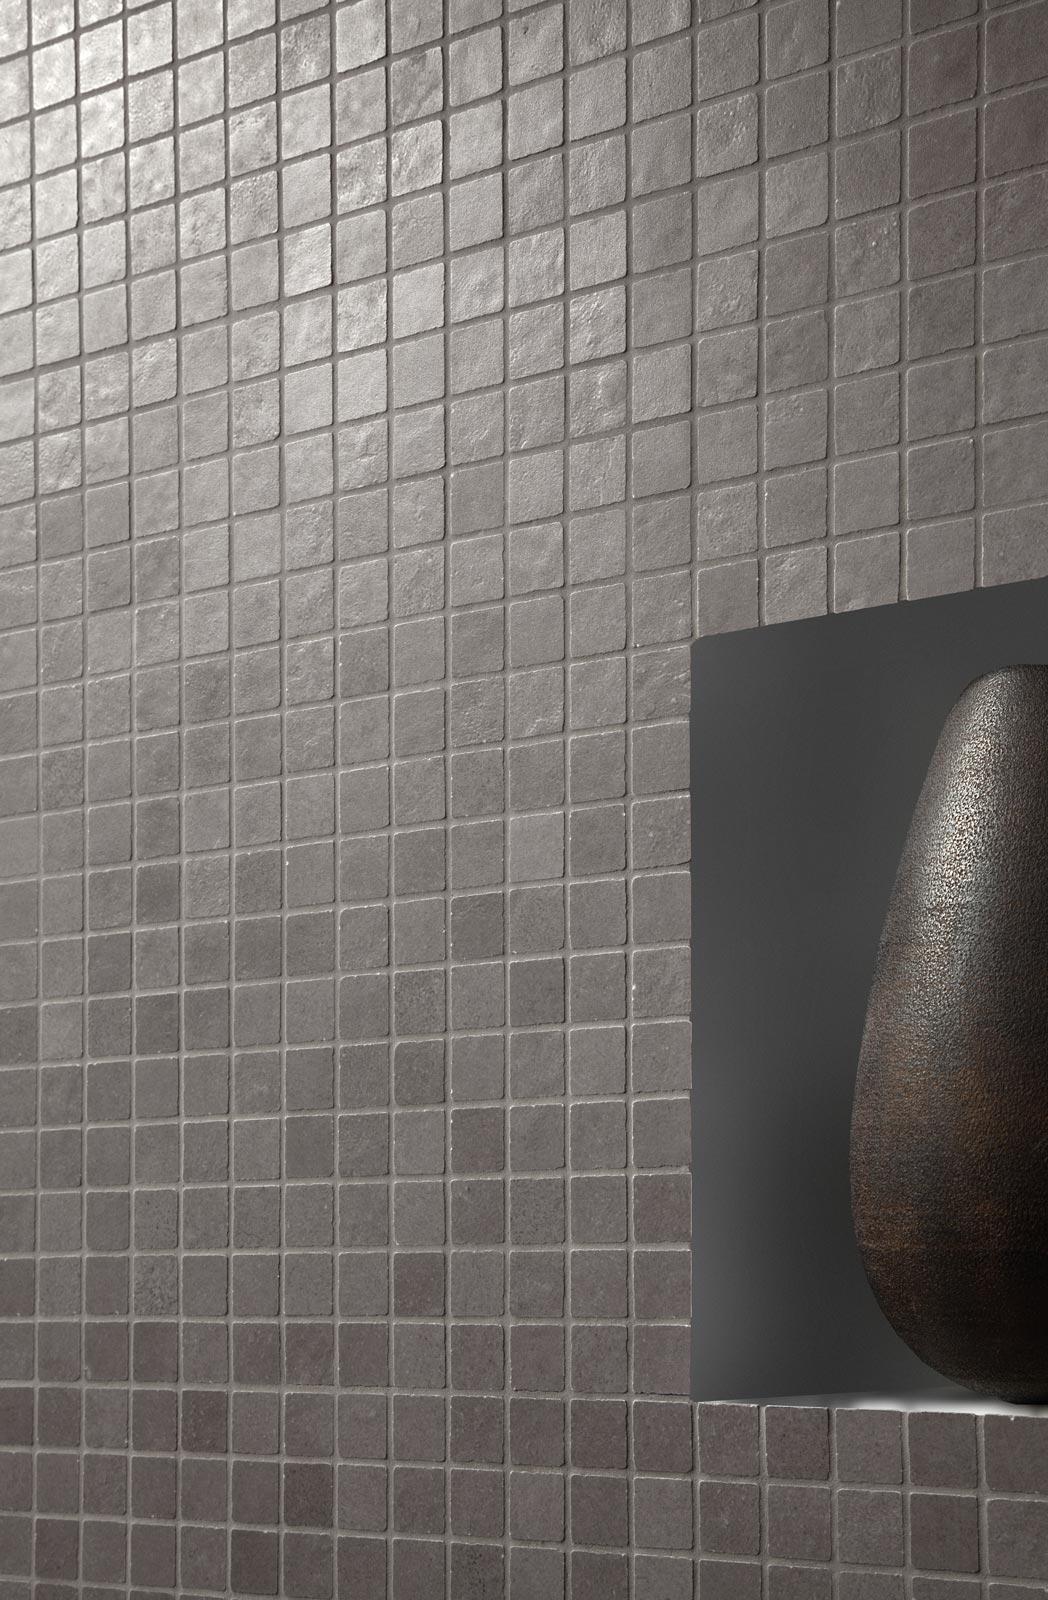 Collezione terracruda rivestimento effetto cemento ragno - Rimuovere cemento da piastrelle ...